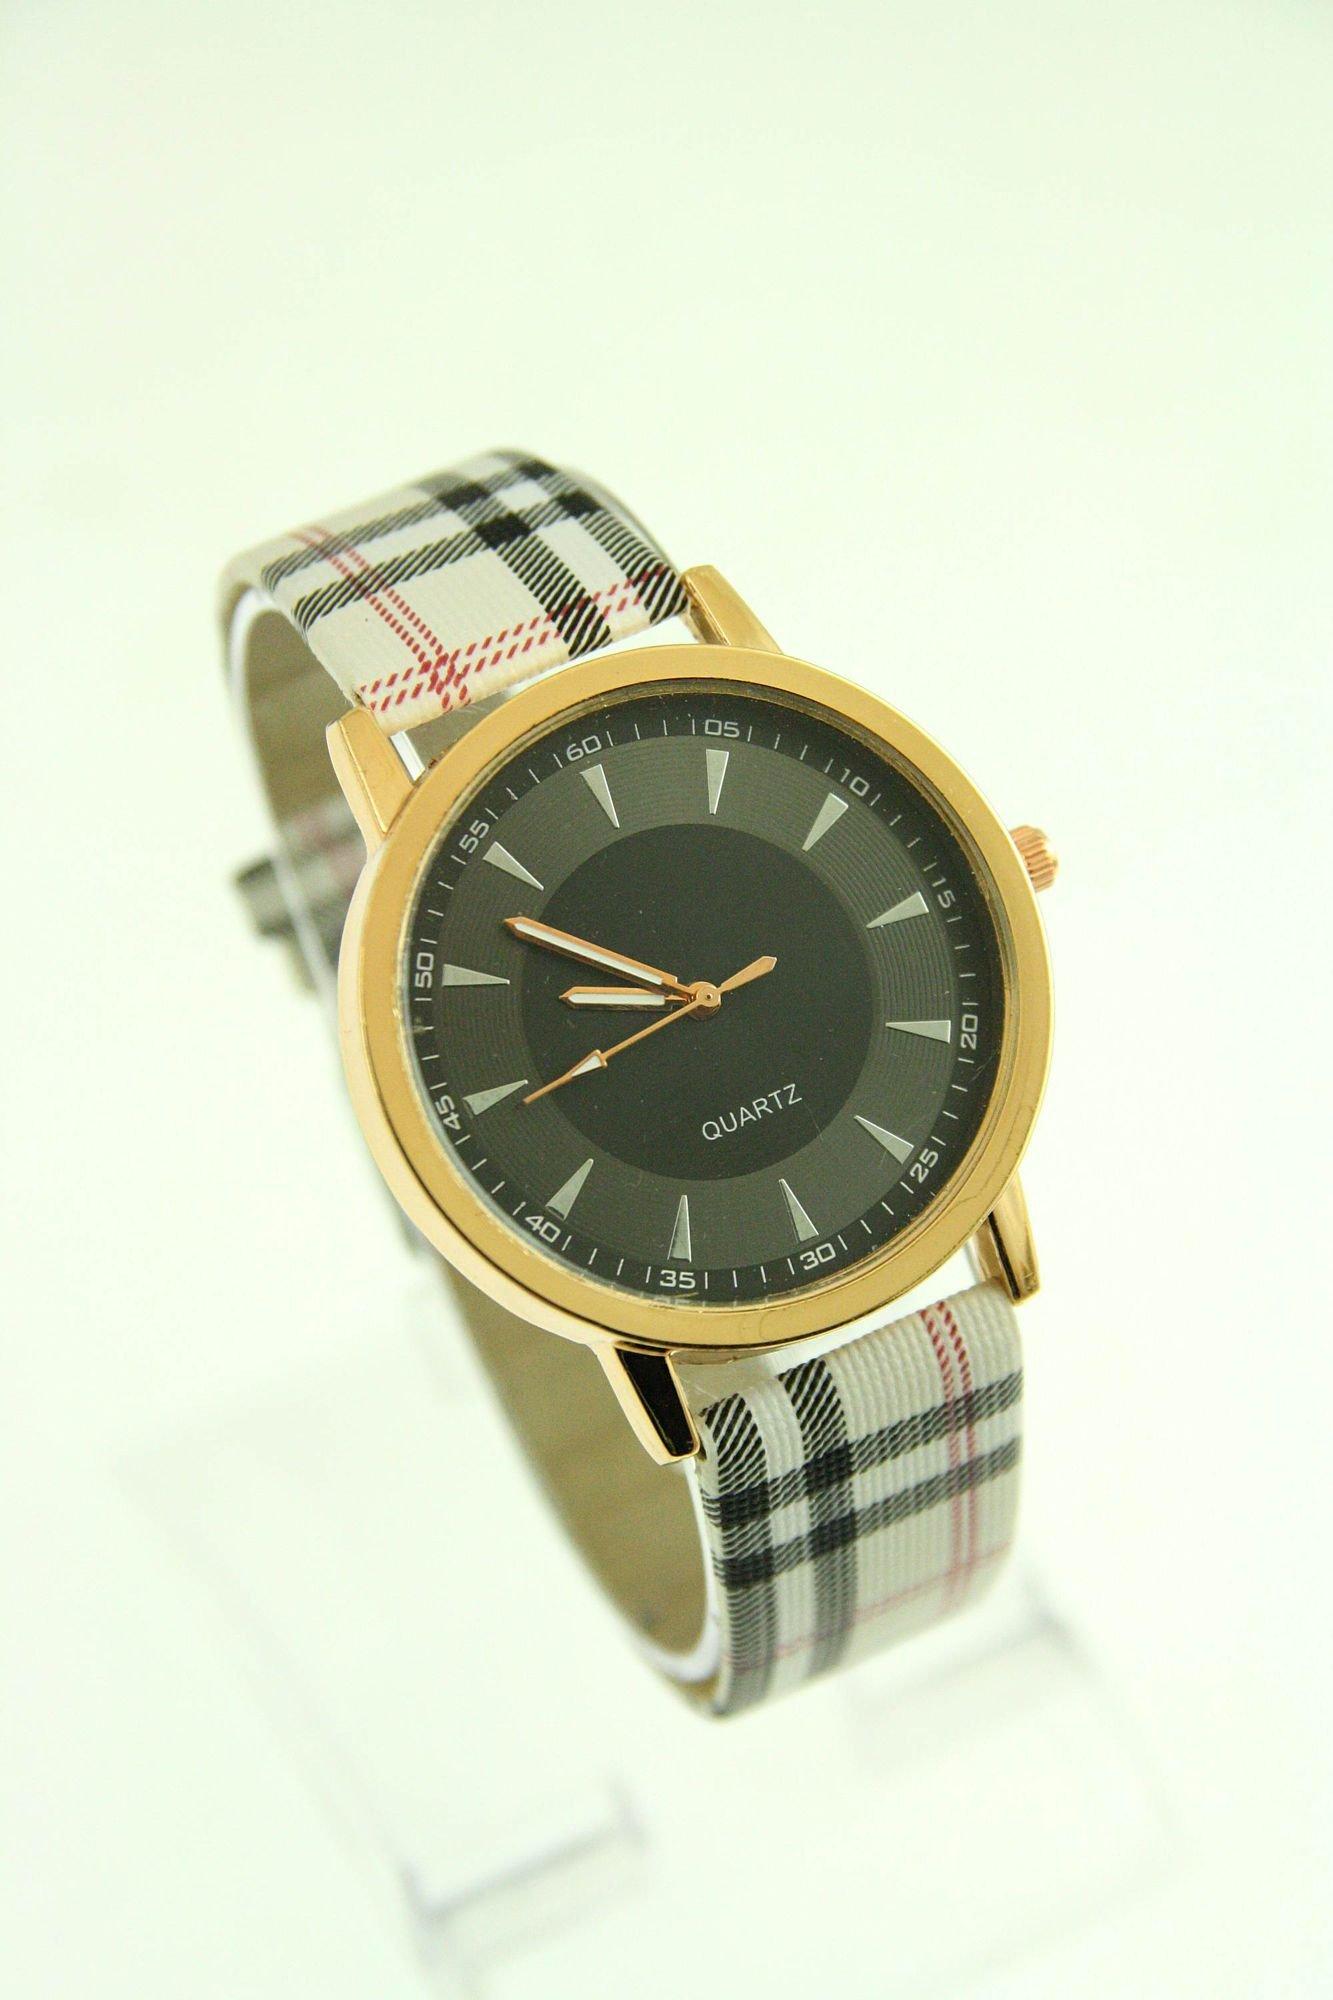 Beżowo-czarny zegarek damski na pasiastym pasku                                  zdj.                                  1